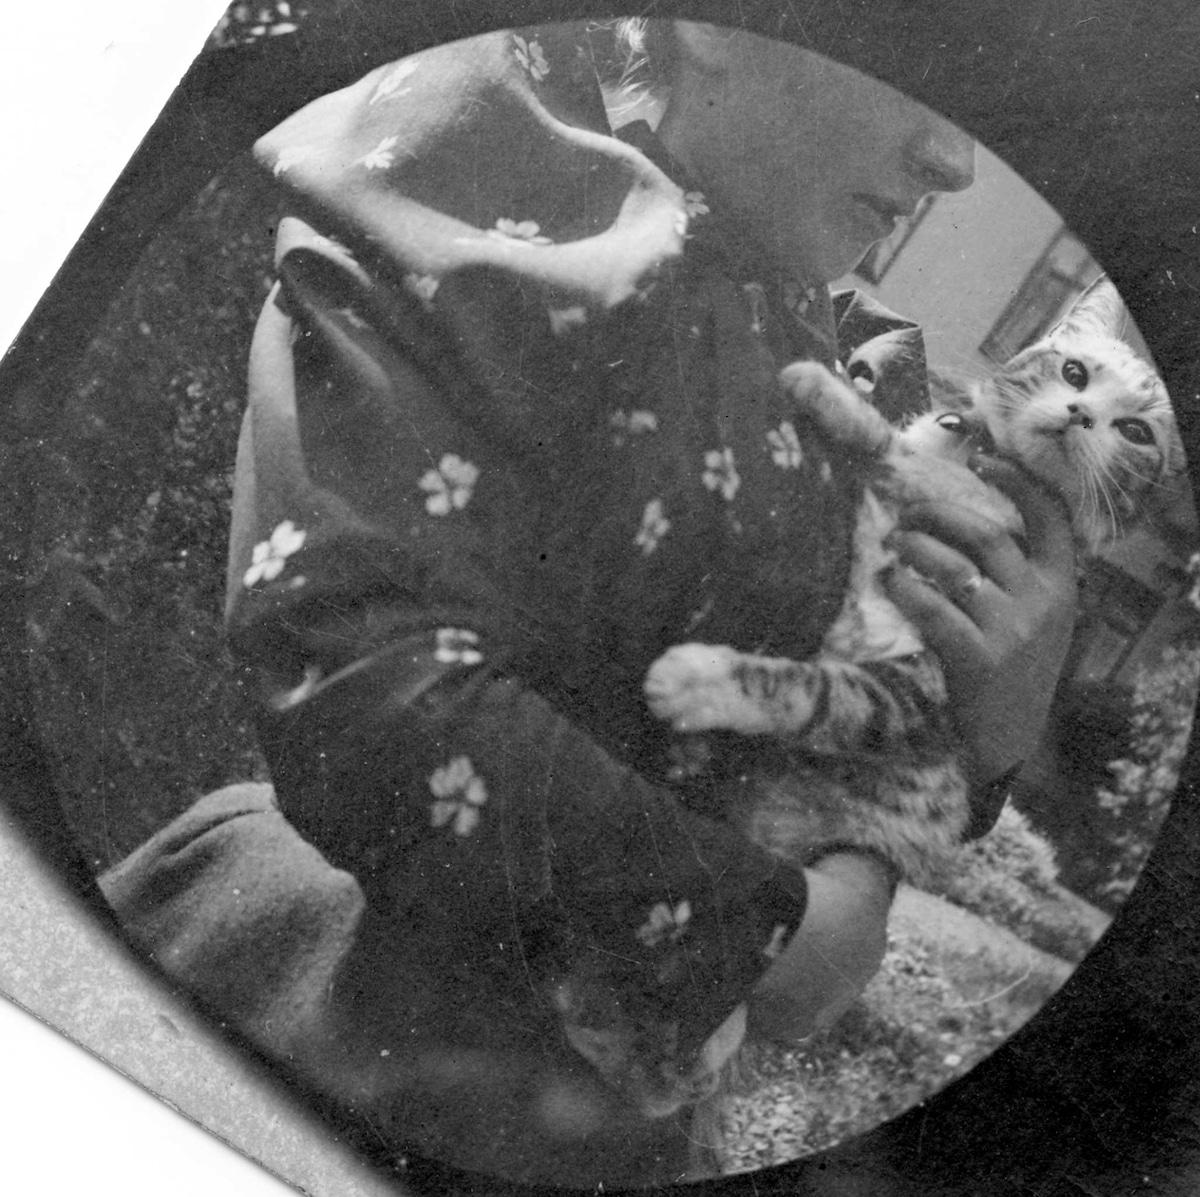 carl stormer cámara oculta fotografía callejera